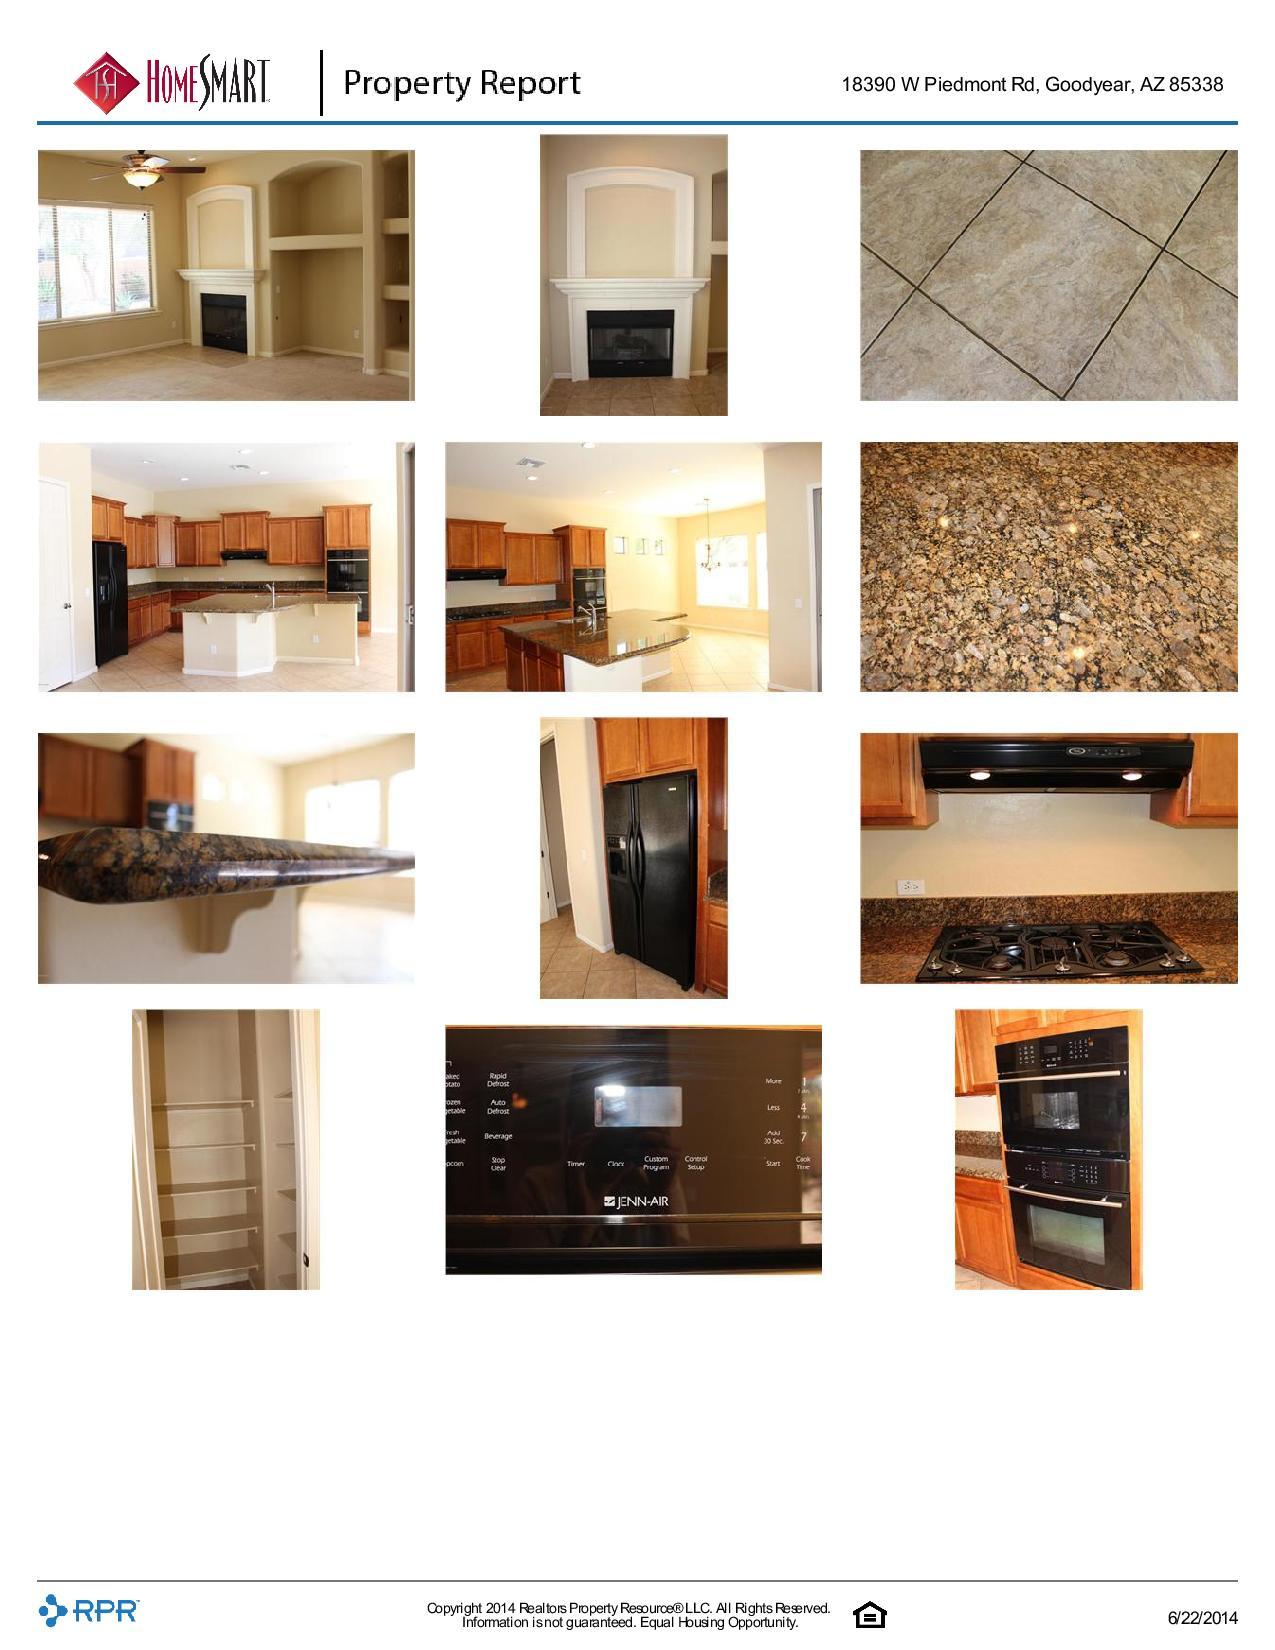 18390-W-Piedmont-Rd-Goodyear-AZ-85338-page-006